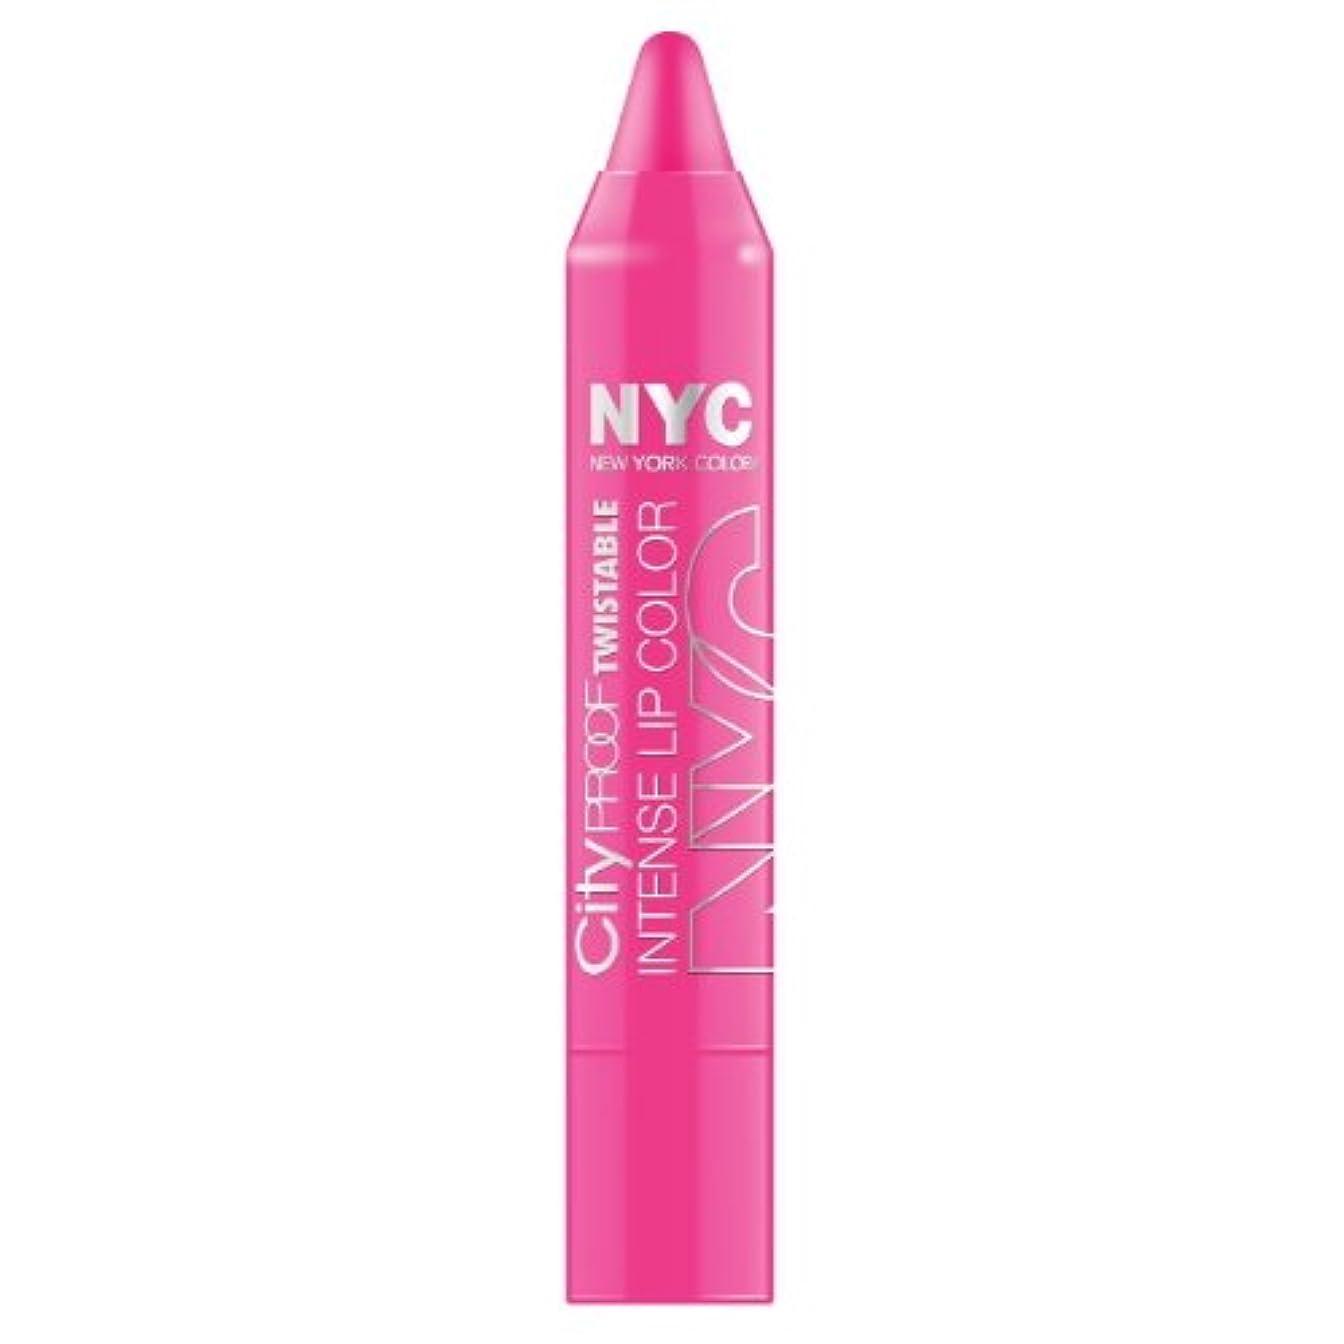 スロープ喪広告するNYC City Proof Twistable Intense Lip Color - Fulton St Fuchsia (並行輸入品)